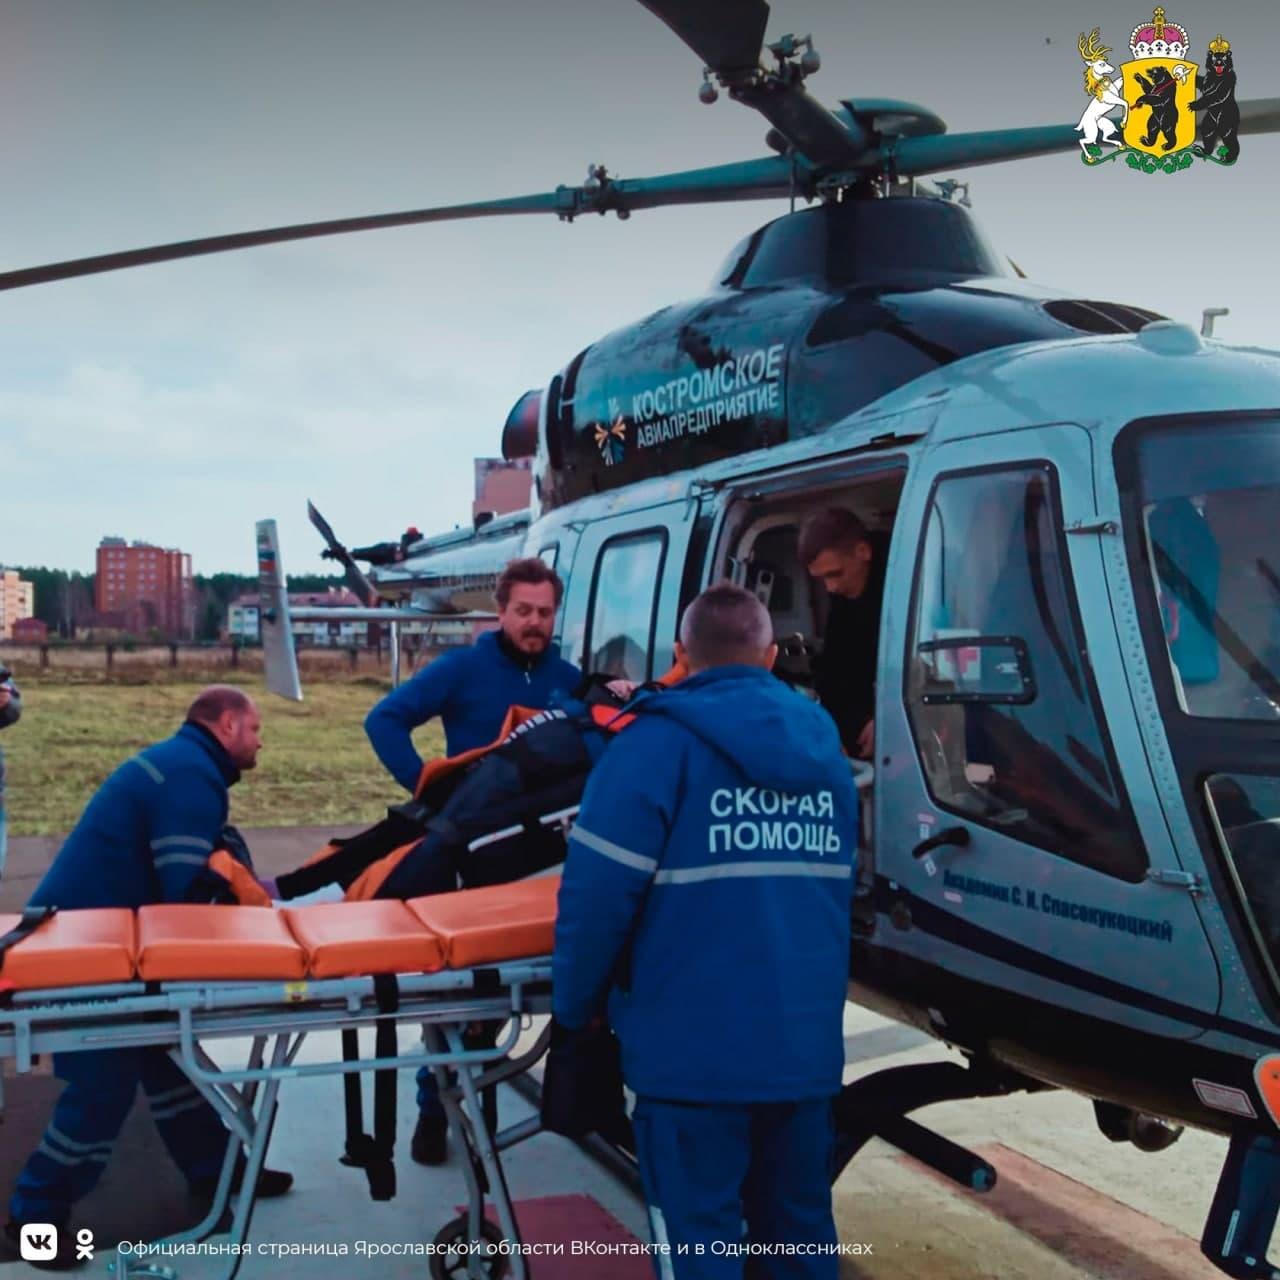 Первый пациент был доставлен на санитарном вертолёте из Углича в Ярославль